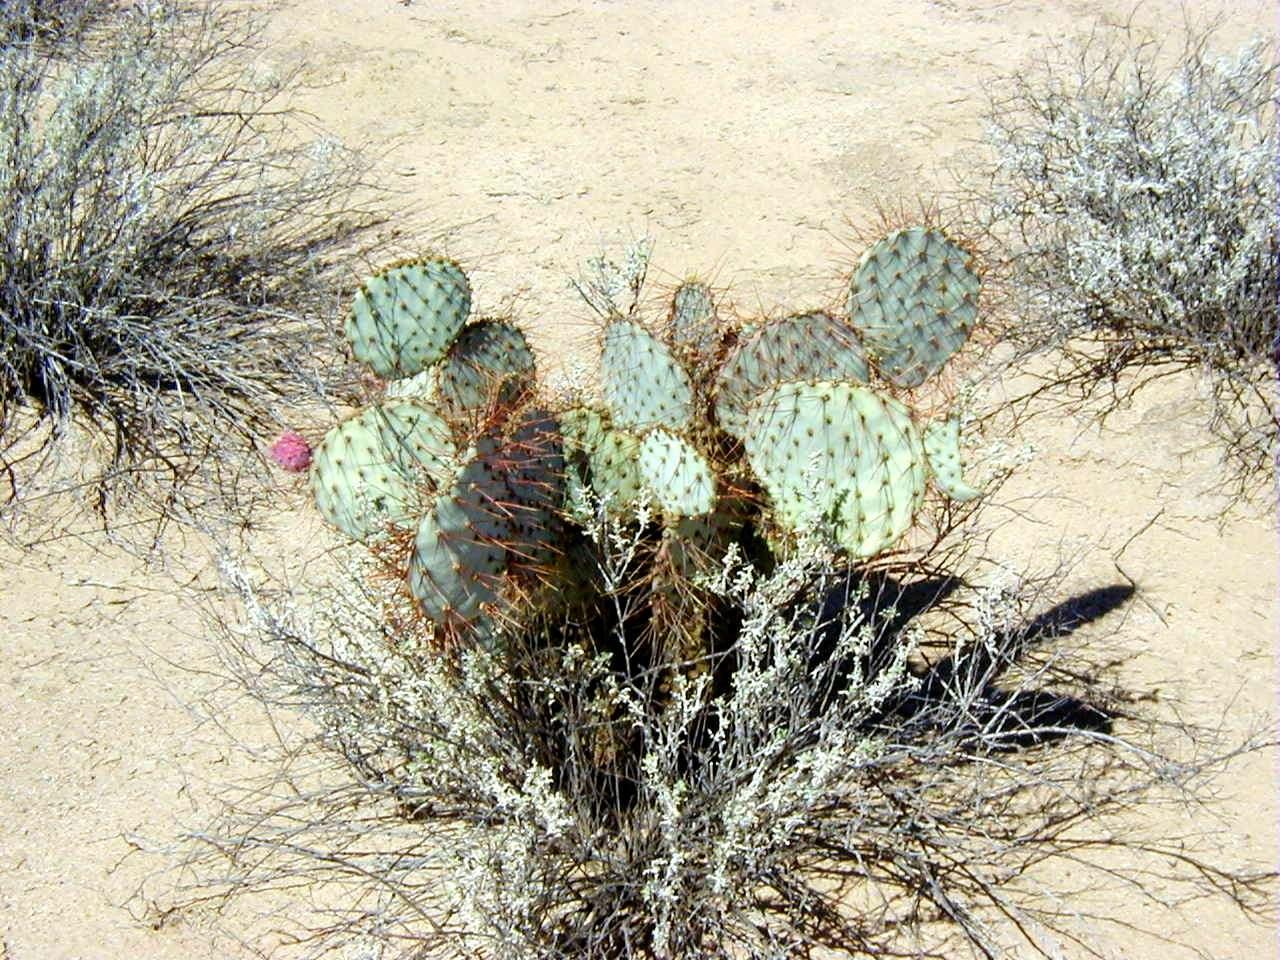 Lista de semillas para cambiar for Semillas de cactus chile